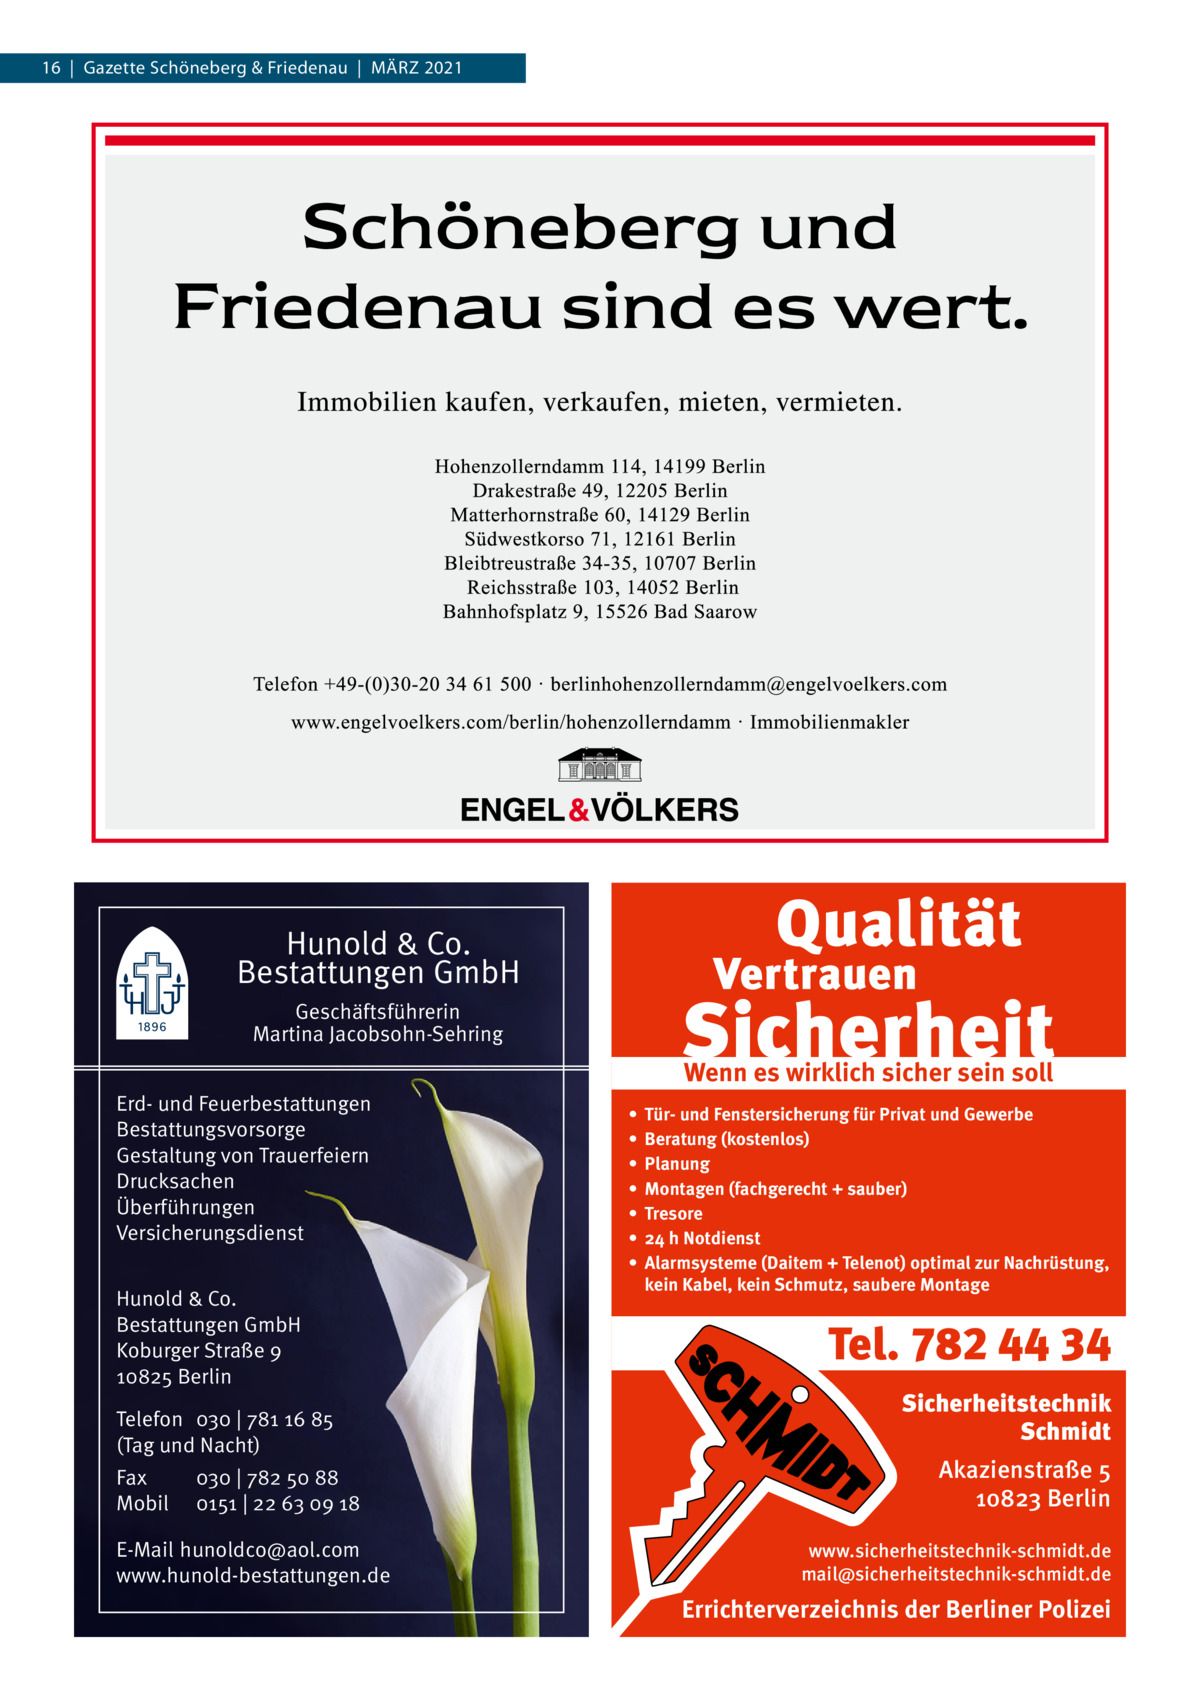 16|Gazette Schöneberg & Friedenau|MäRZ 2021  Hunold & Co. Bestattungen GmbH Geschäftsführerin Martina Jacobsohn-Sehring Erd- und Feuerbestattungen Bestattungsvorsorge Gestaltung von Trauerfeiern Drucksachen Überführungen Versicherungsdienst Hunold & Co. Bestattungen GmbH Koburger Straße 9 10825 Berlin Telefon 030 | 781 16 85 (Tag und Nacht) Fax Mobil  030 | 782 50 88 0151 | 22 63 09 18  E-Mail hunoldco@aol.com www.hunold-bestattungen.de  Wenn es wirklich sicher sein soll • • • • • • •  Tür- und Fenstersicherung für Privat und Gewerbe Beratung (kostenlos) Planung Montagen (fachgerecht + sauber) Tresore 24 h Notdienst Alarmsysteme (Daitem + Telenot) optimal zur Nachrüstung, kein Kabel, kein Schmutz, saubere Montage  Tel. 782 44 34 Sicherheitstechnik Schmidt Akazienstraße 5 10823 Berlin www.sicherheitstechnik-schmidt.de mail@sicherheitstechnik-schmidt.de  Errichterverzeichnis der Berliner Polizei